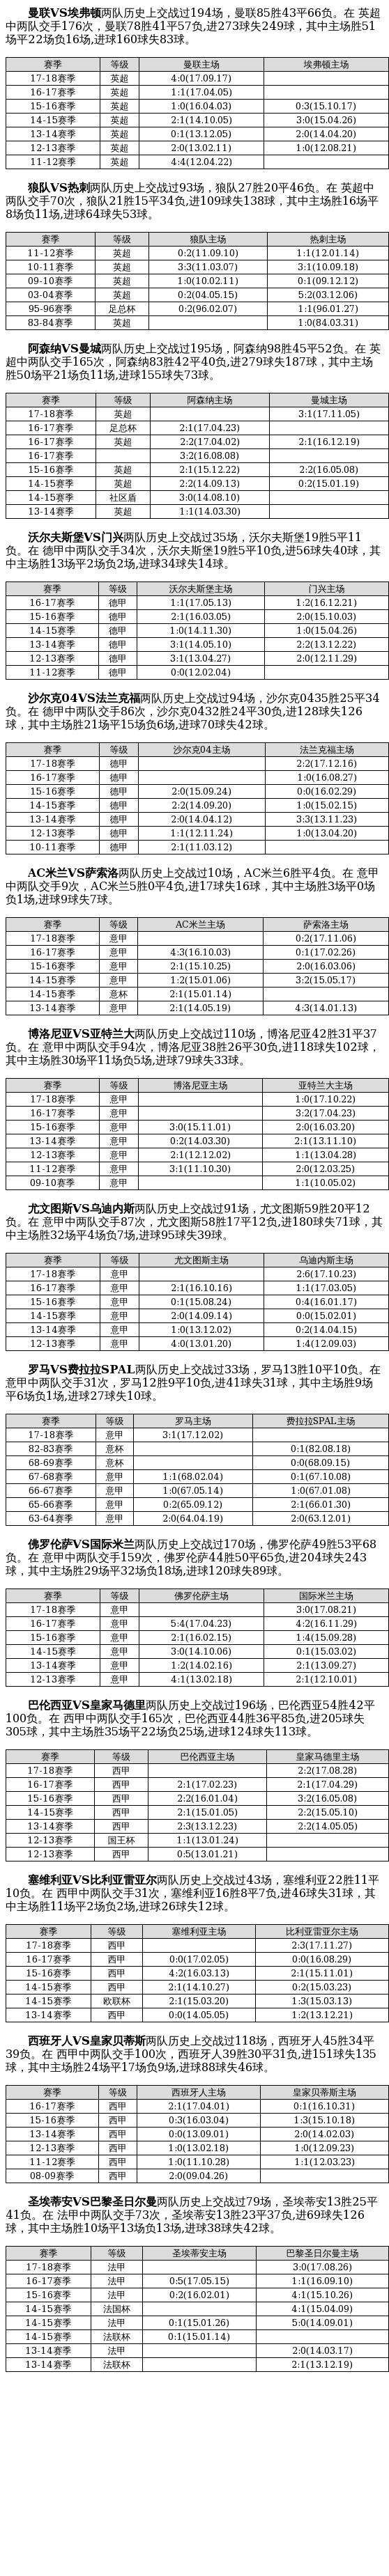 中国足球彩票19176期胜负游戏14场交战记录